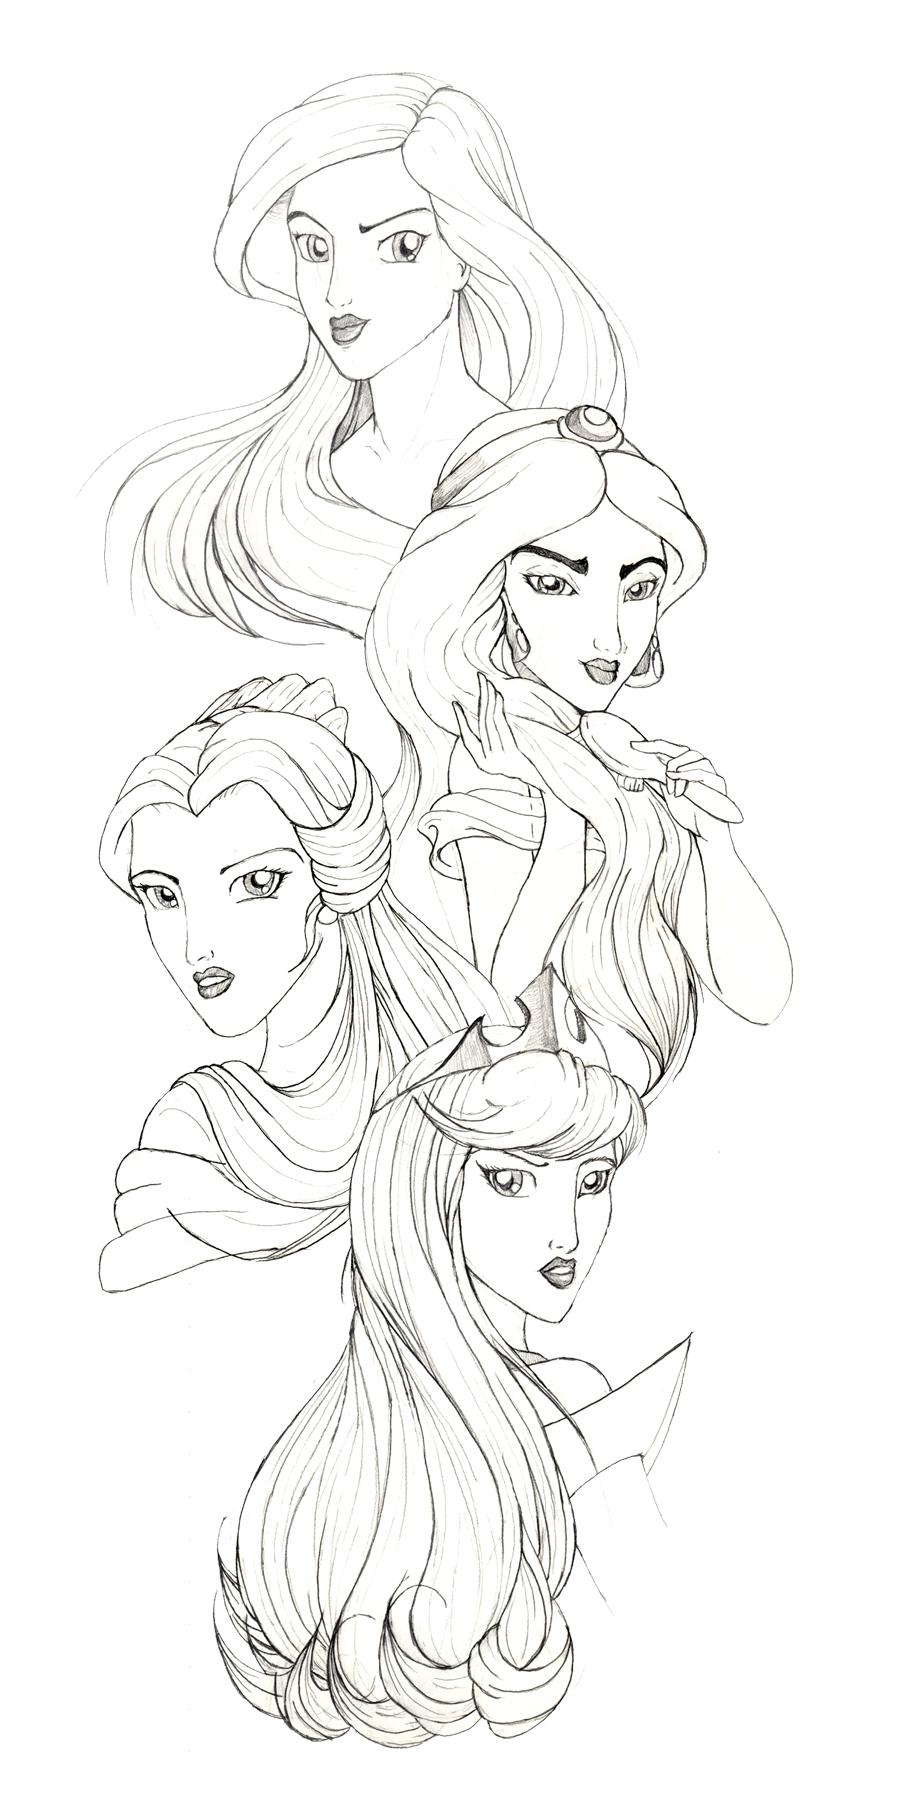 Disney Princesses By Racookie3 On Deviantart Disney Princess Line Drawings Printable